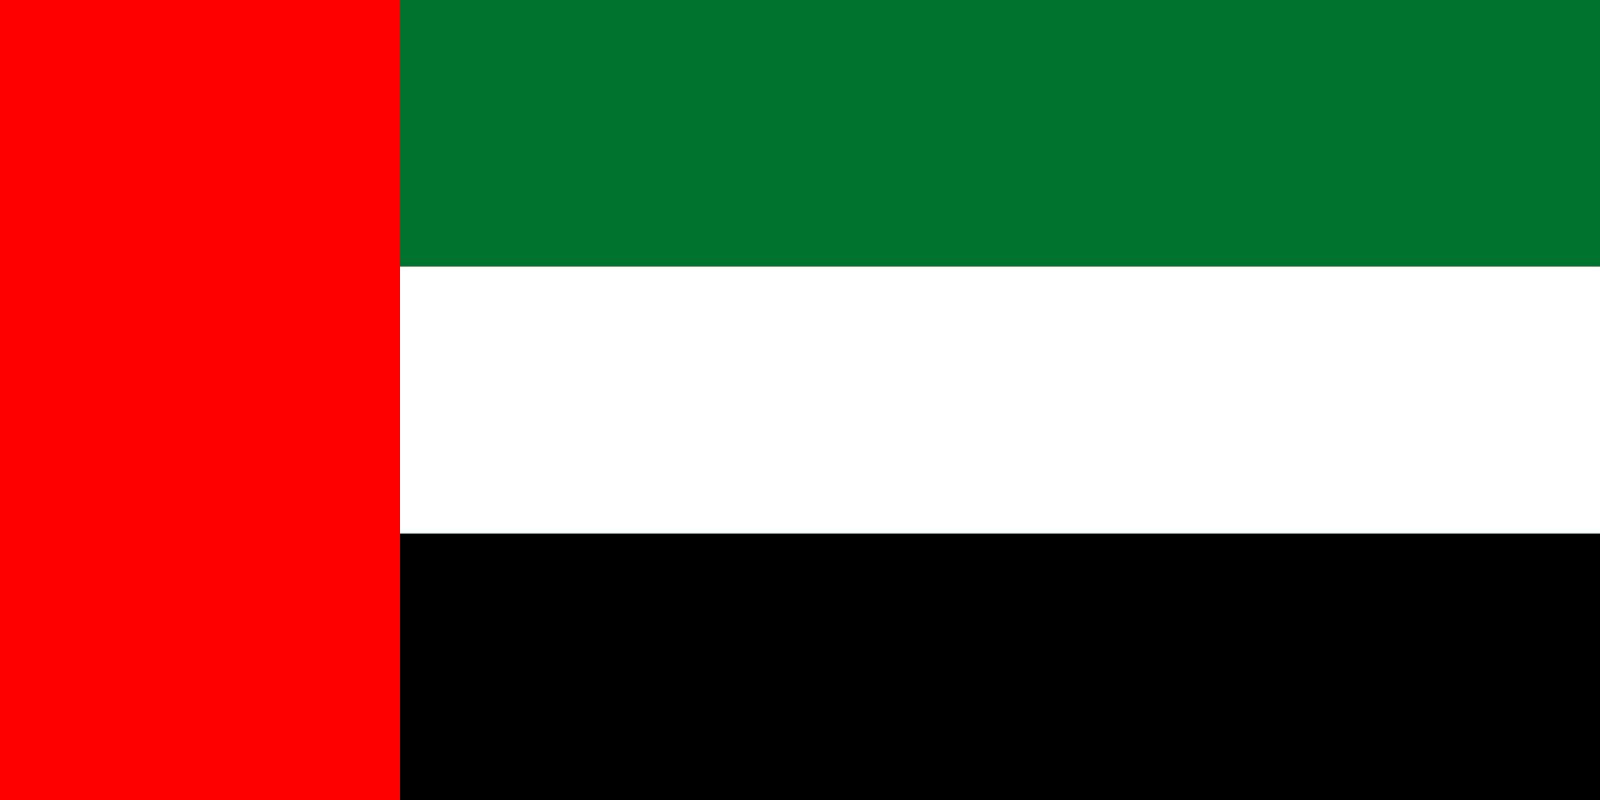 تأهل الإمارات .. تعرف علي نتيجة الامارات وقيرغيزستان اليوم 21-1-2019 كأس آسيا 2019